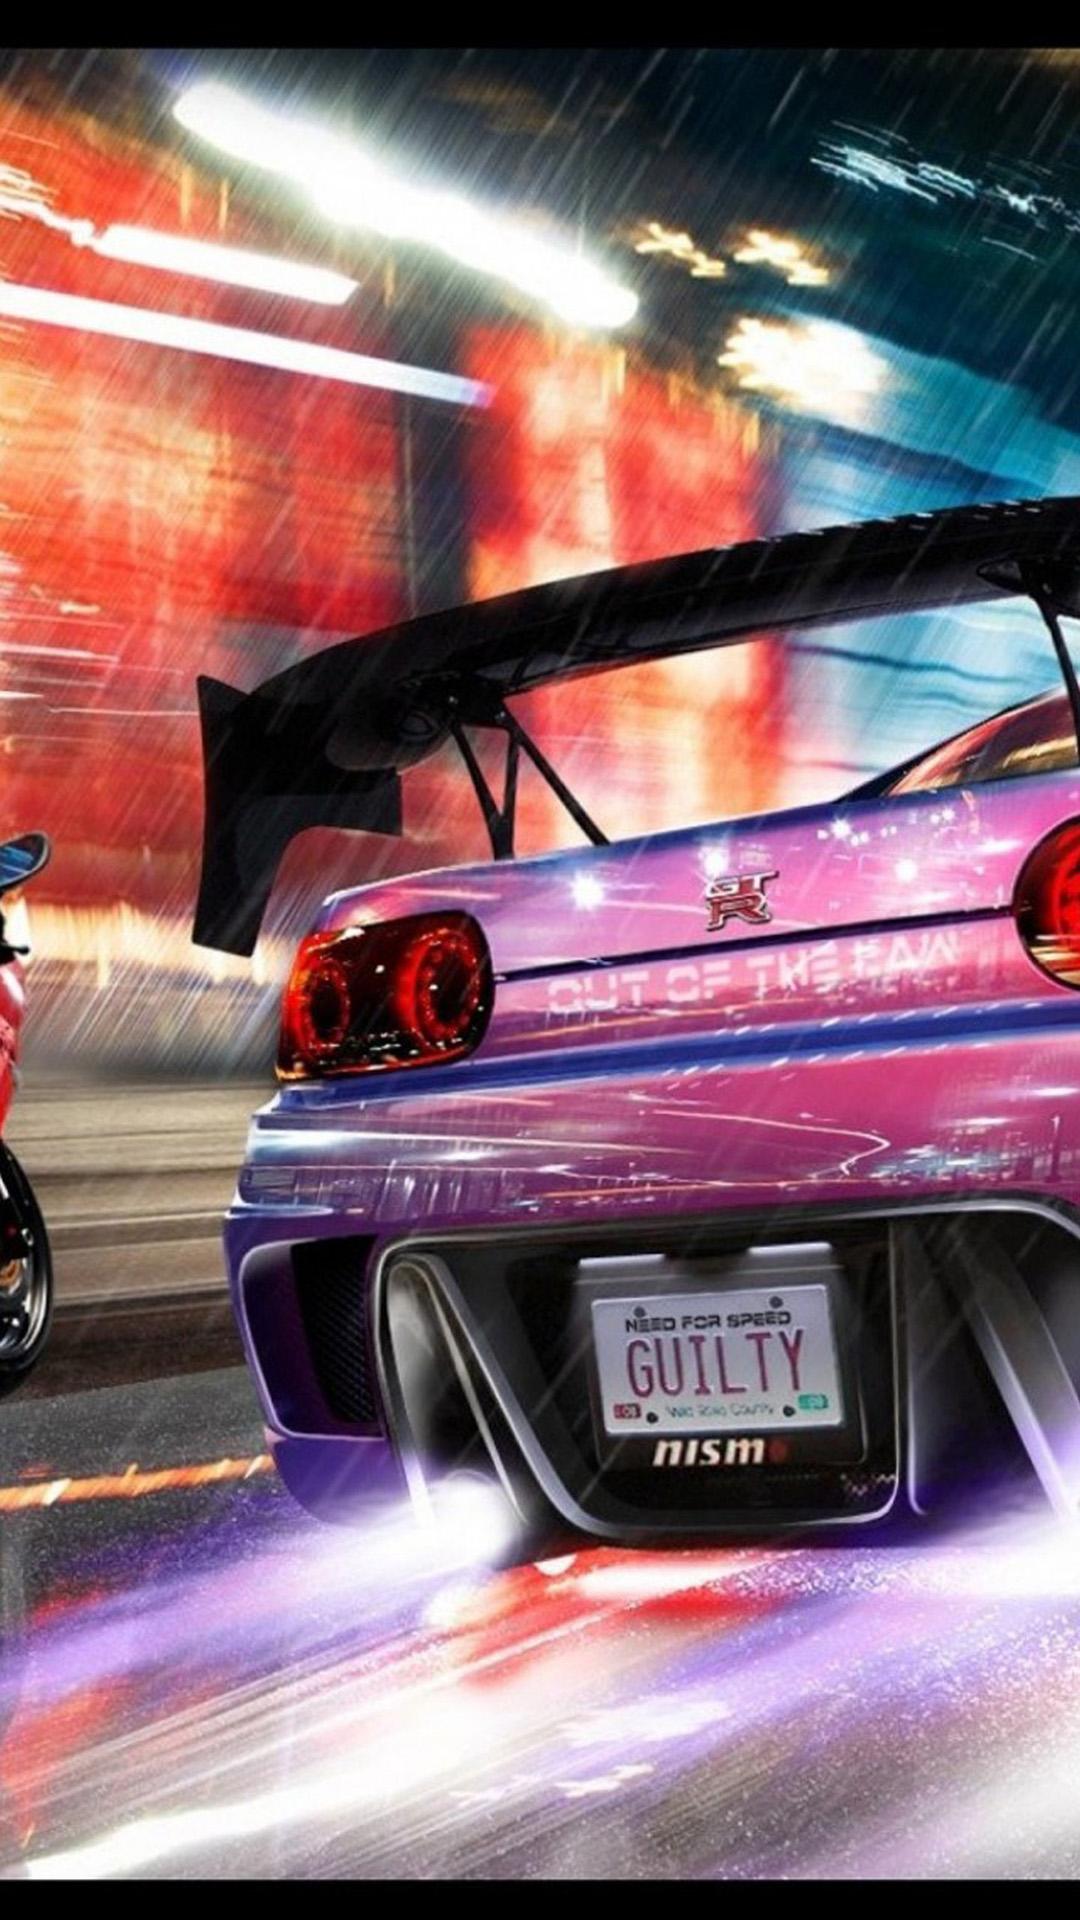 Тип раздаваемого файла: игра платформа: ios название игры: need for speed hot pursuit год выпуска: 2010 жанр